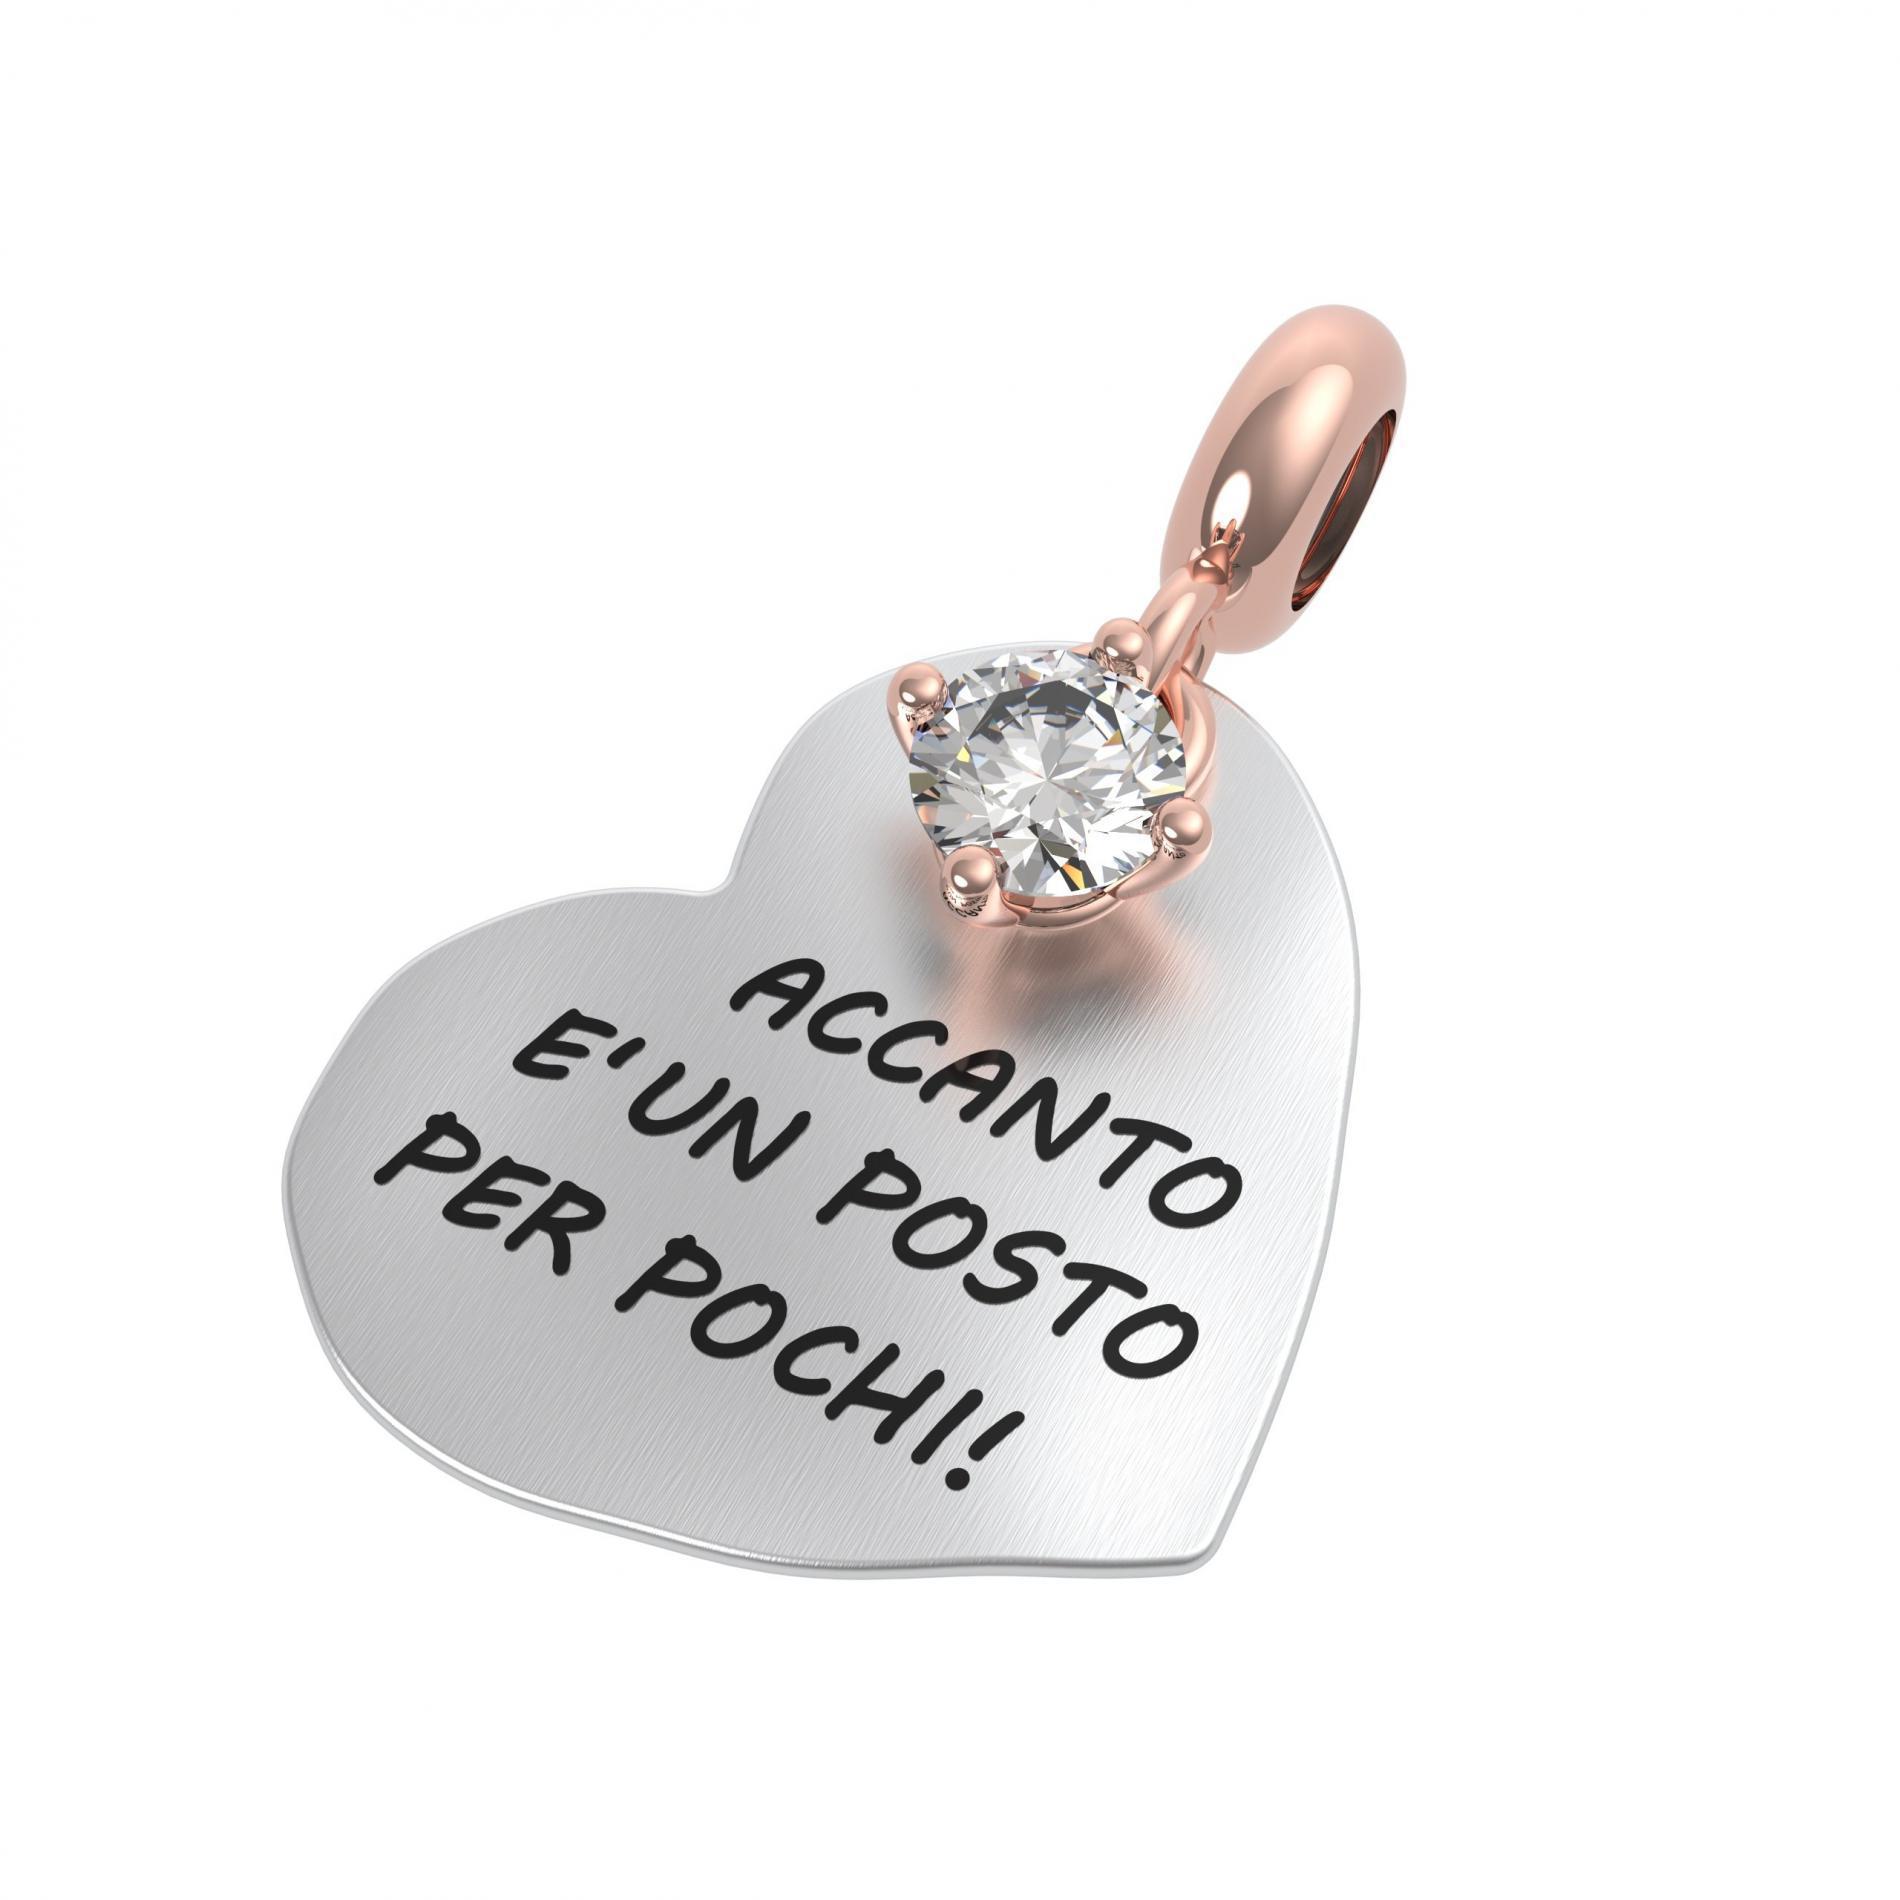 25137 ciondolo Rerum cristallo rocca amore